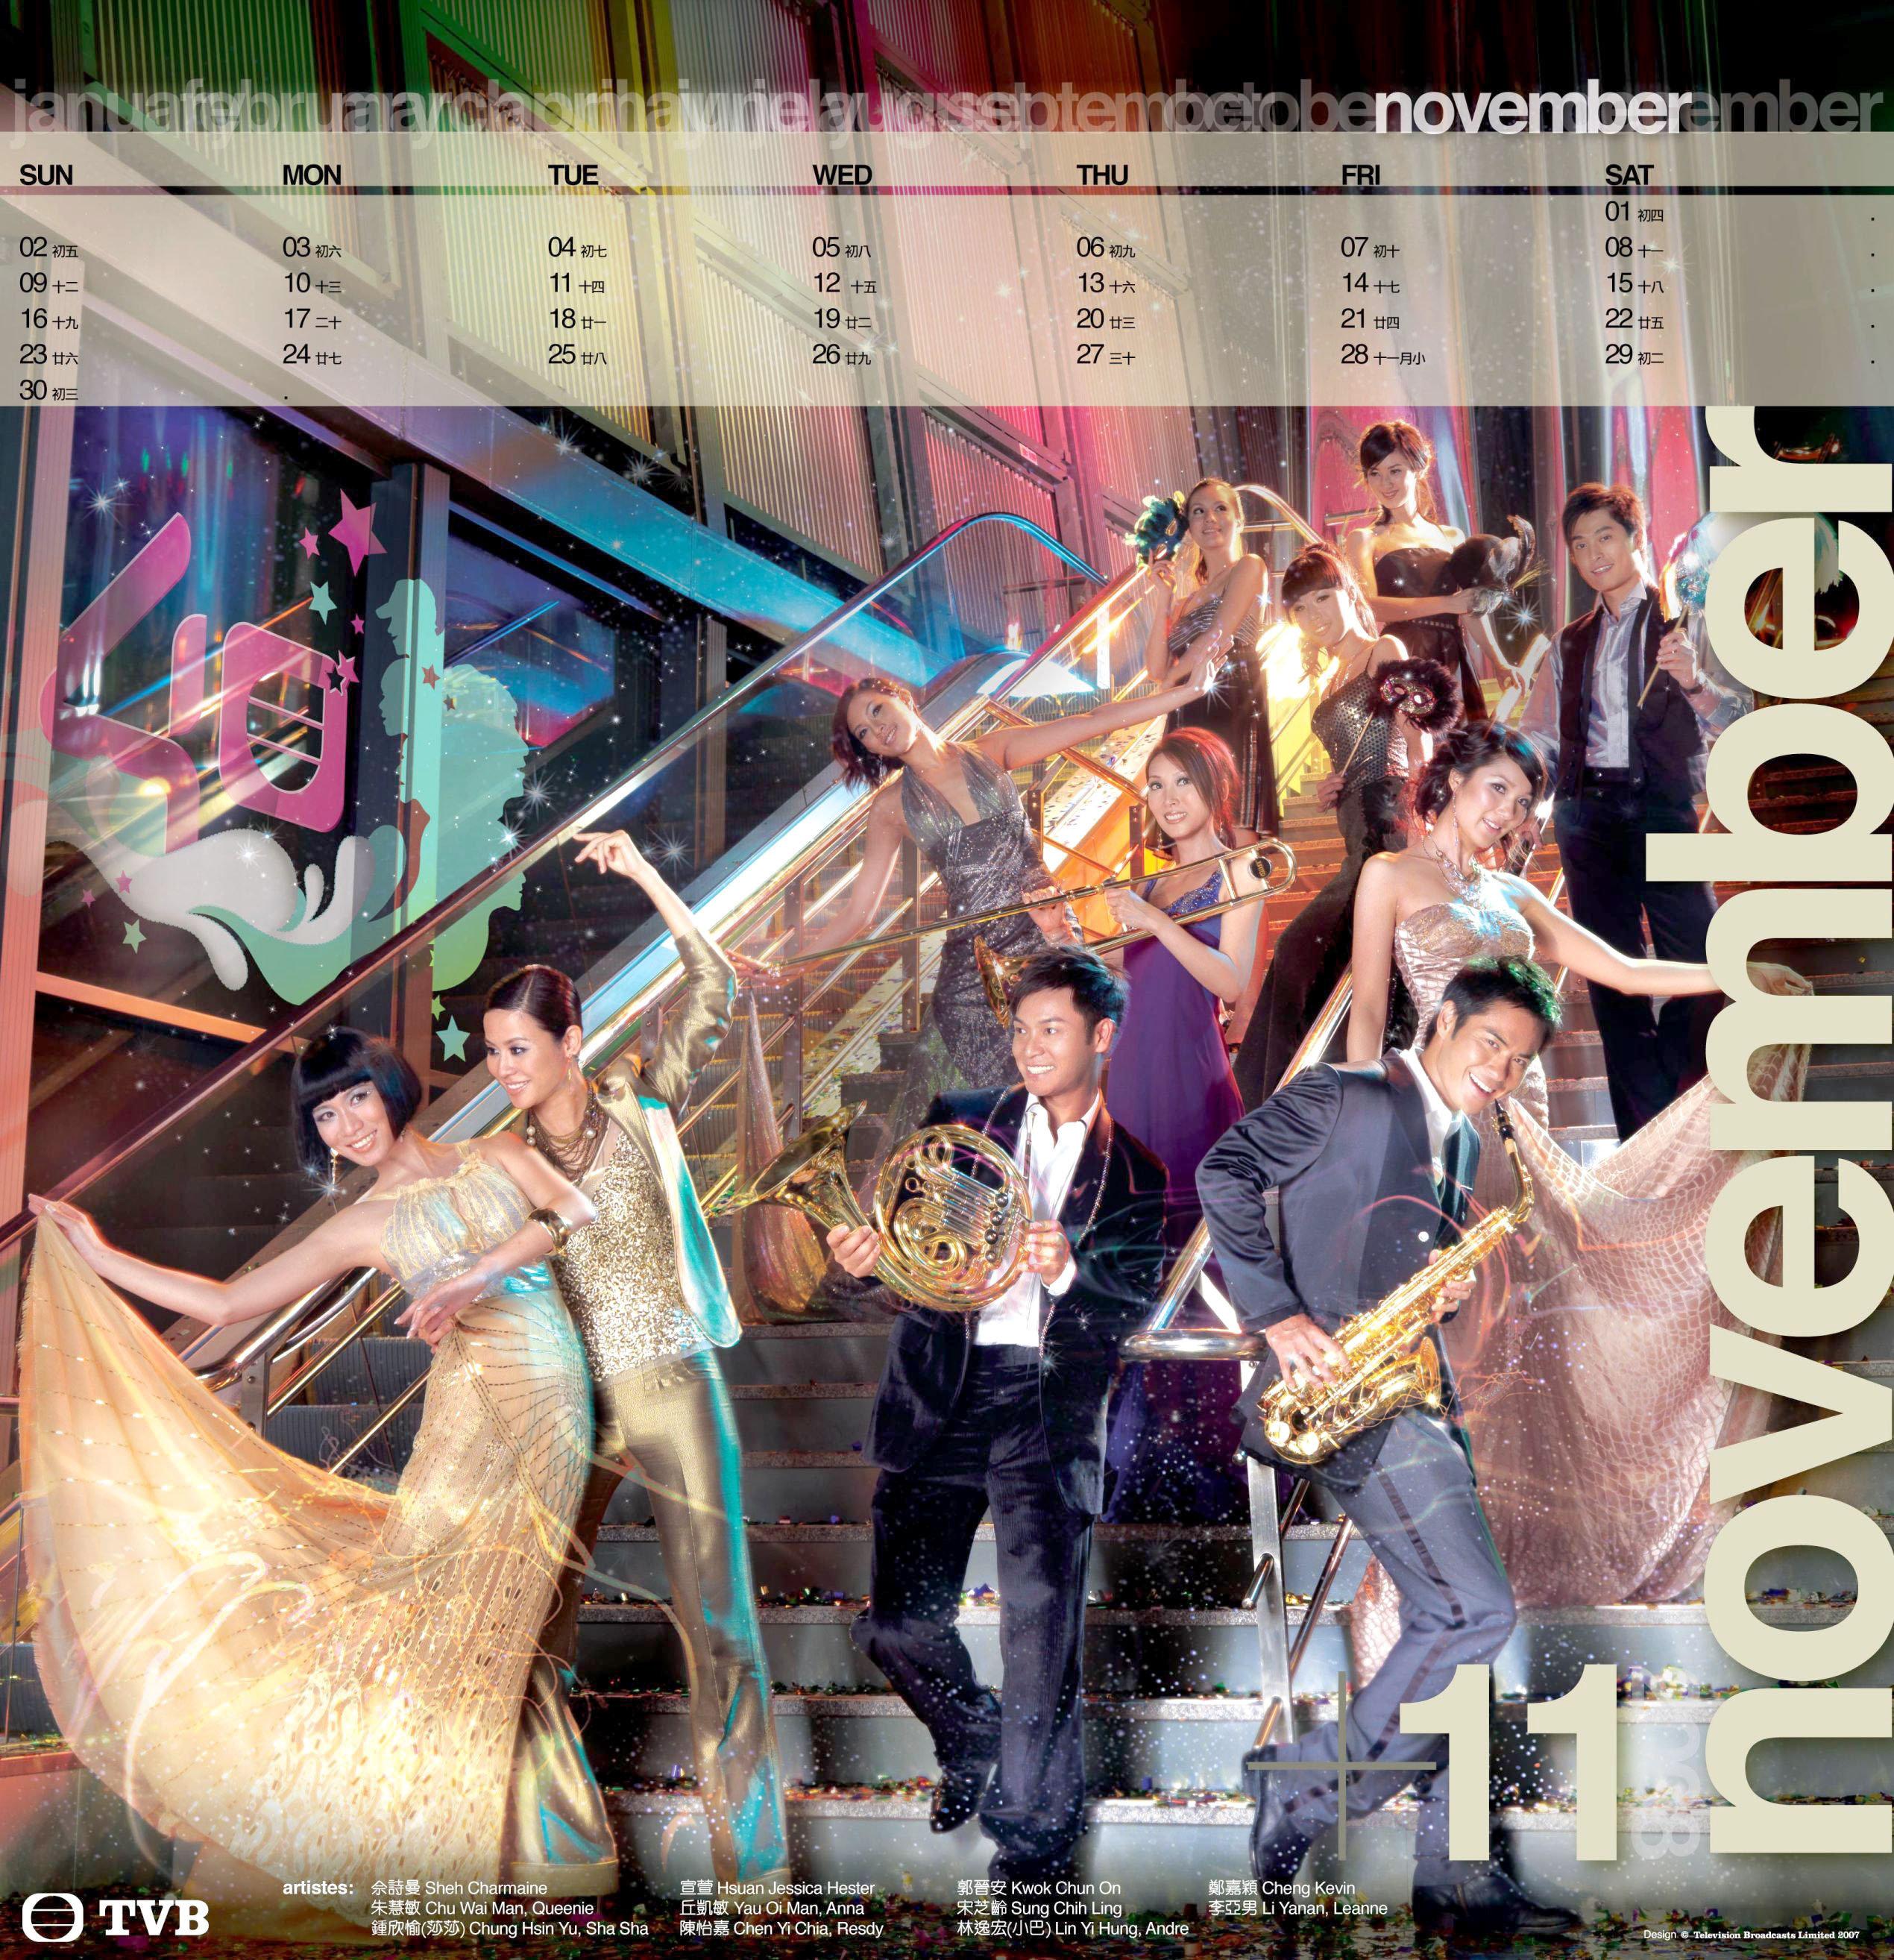 Hong Kong TVB calendar November 2008